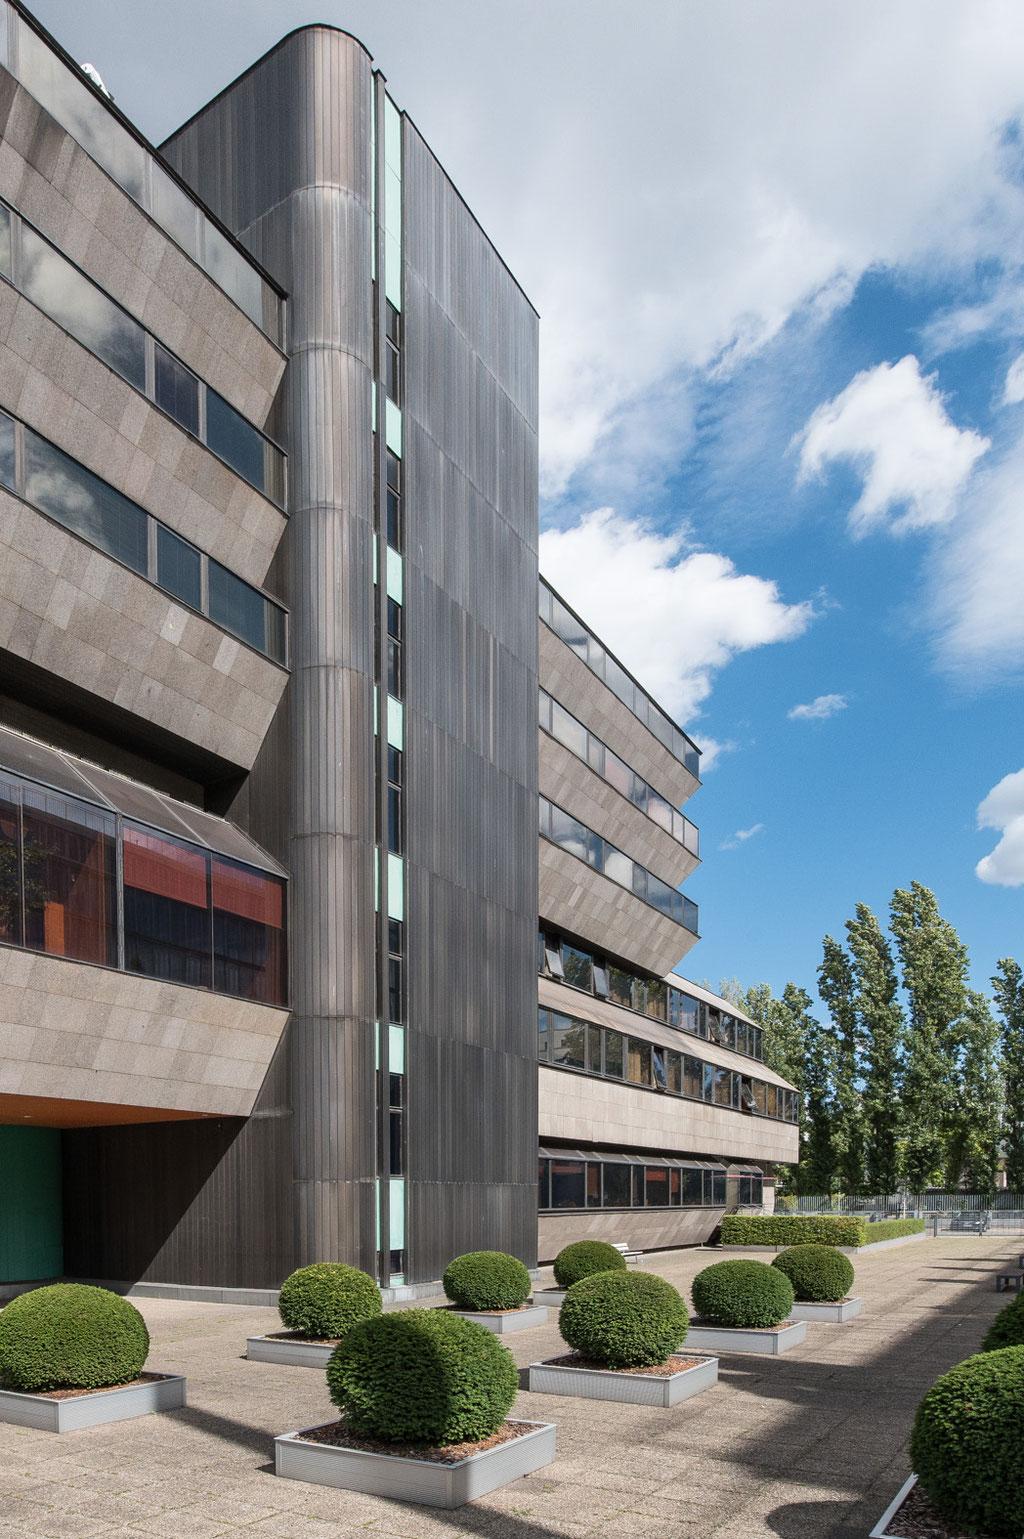 Botschaft der ČSSR, heute Tschechischen Republik, Czech Embassy (Vèra Machoninová, Vladimir Machonin, Klaus Pätzmann & Kollektiv), Berlin D)